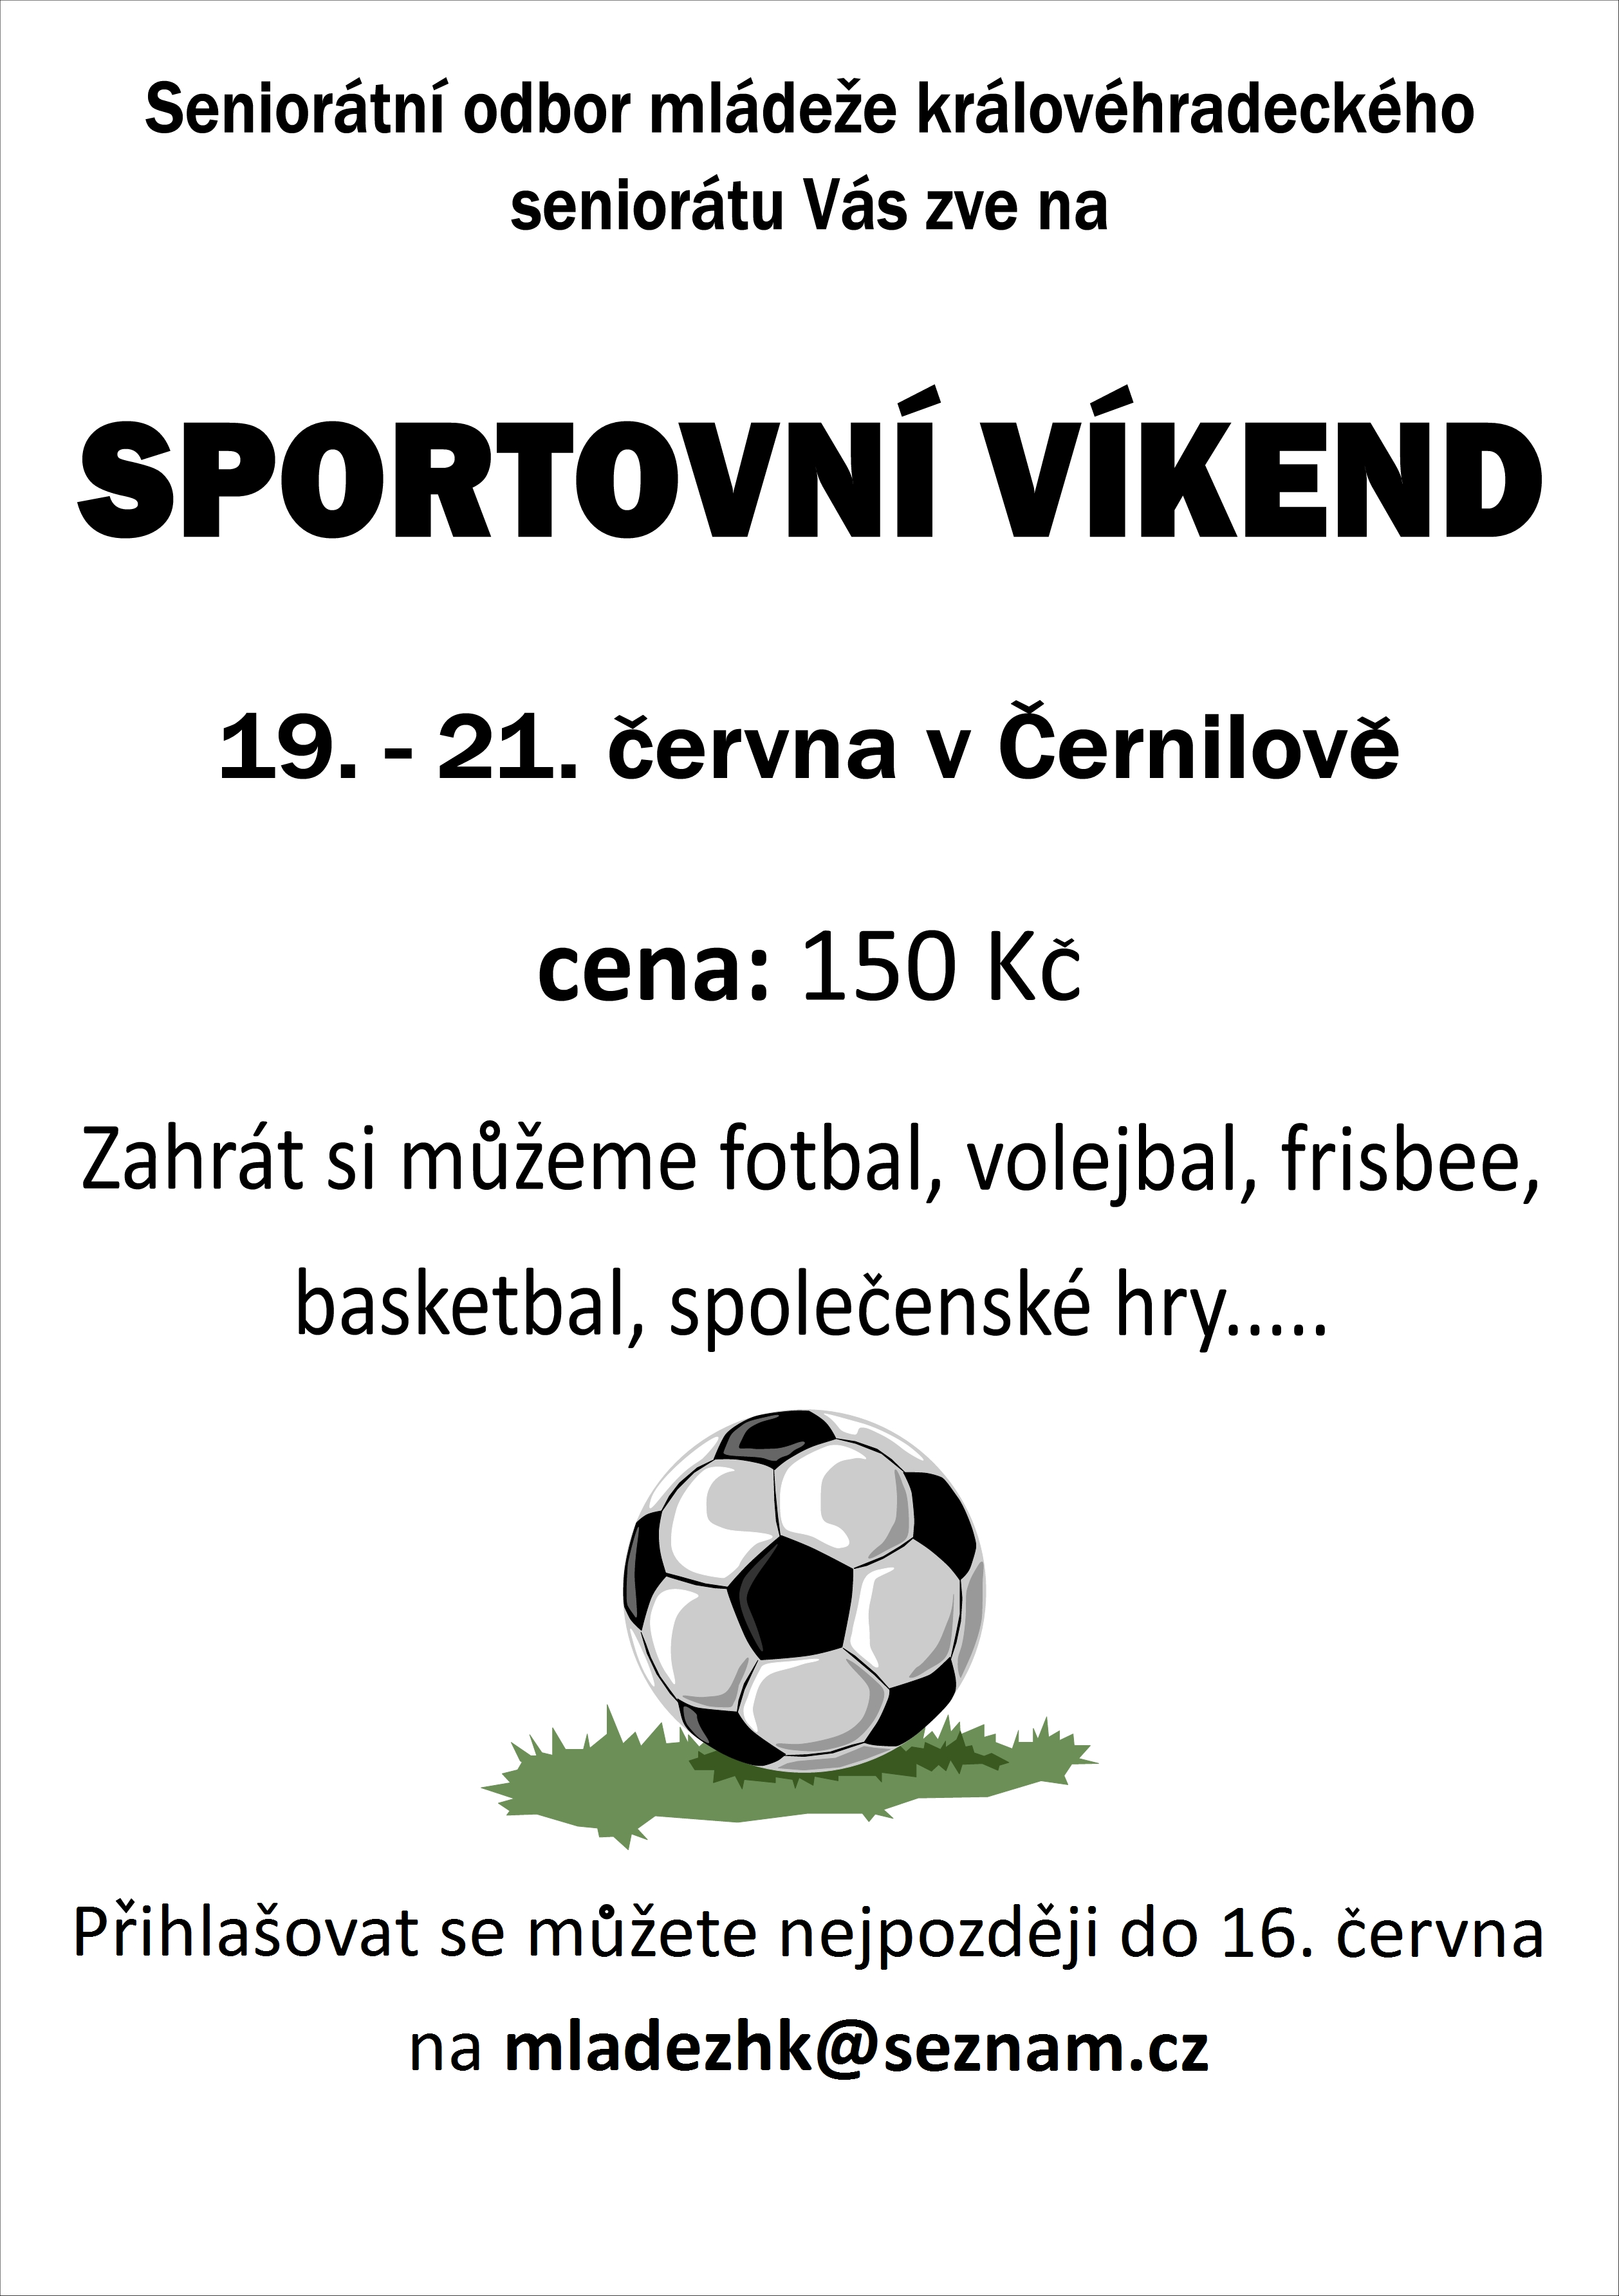 Sportovní víkend 2015 - plakátek